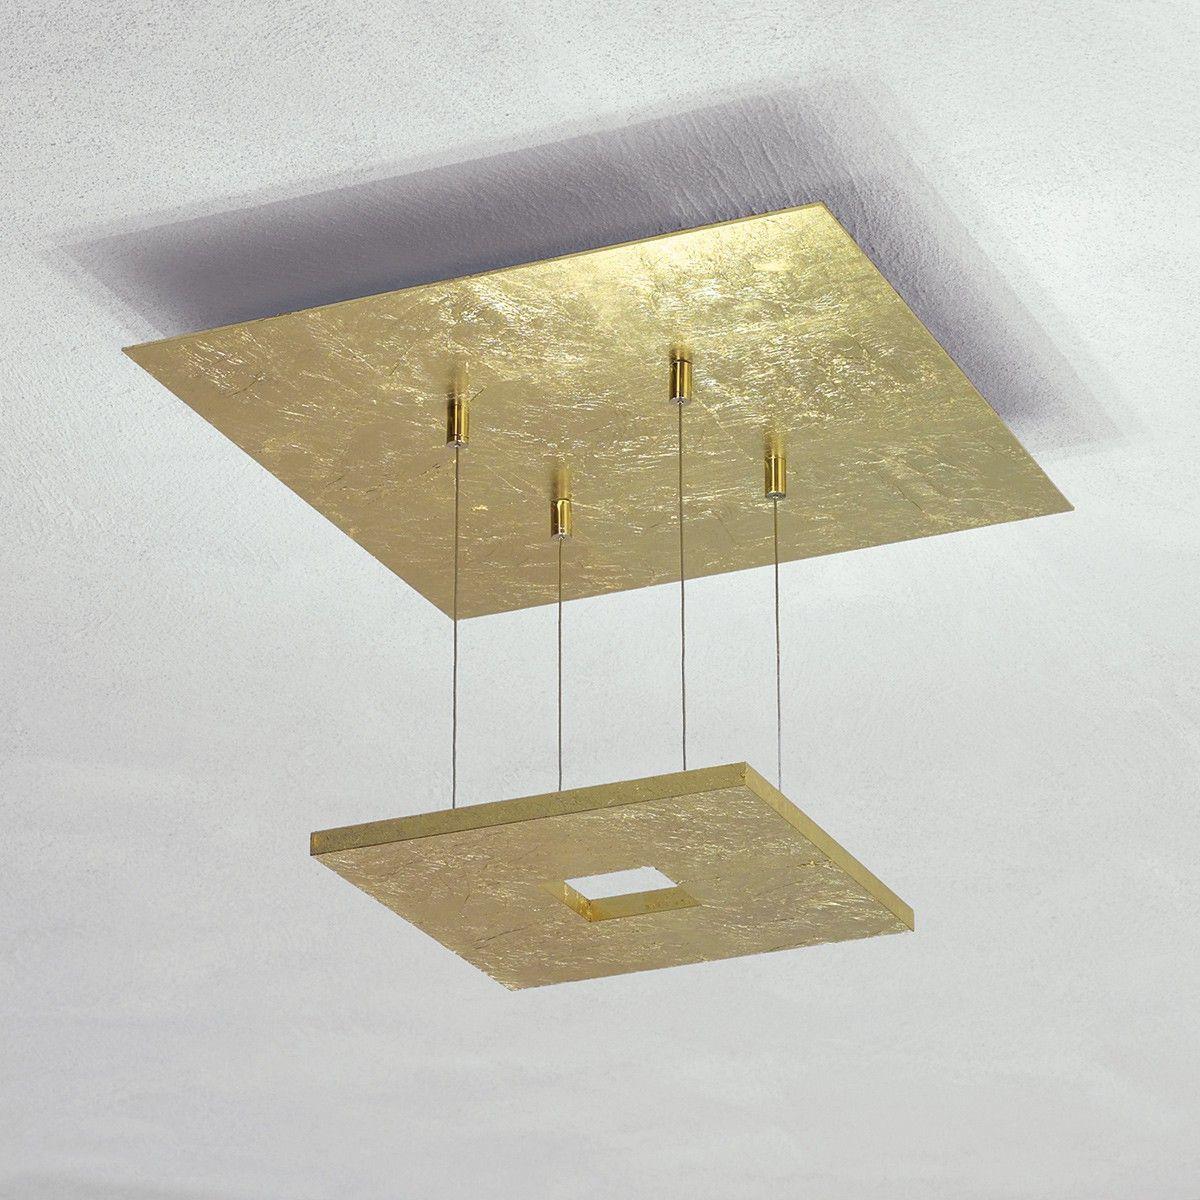 Wohnzimmer Deckenlampe Dimmbar Tischleuchte Rot Touch Lampe Messing Wandlampe Mit Stoffschirm Hangeleuchte Ambiente Plafondlamp Bladgoud Led